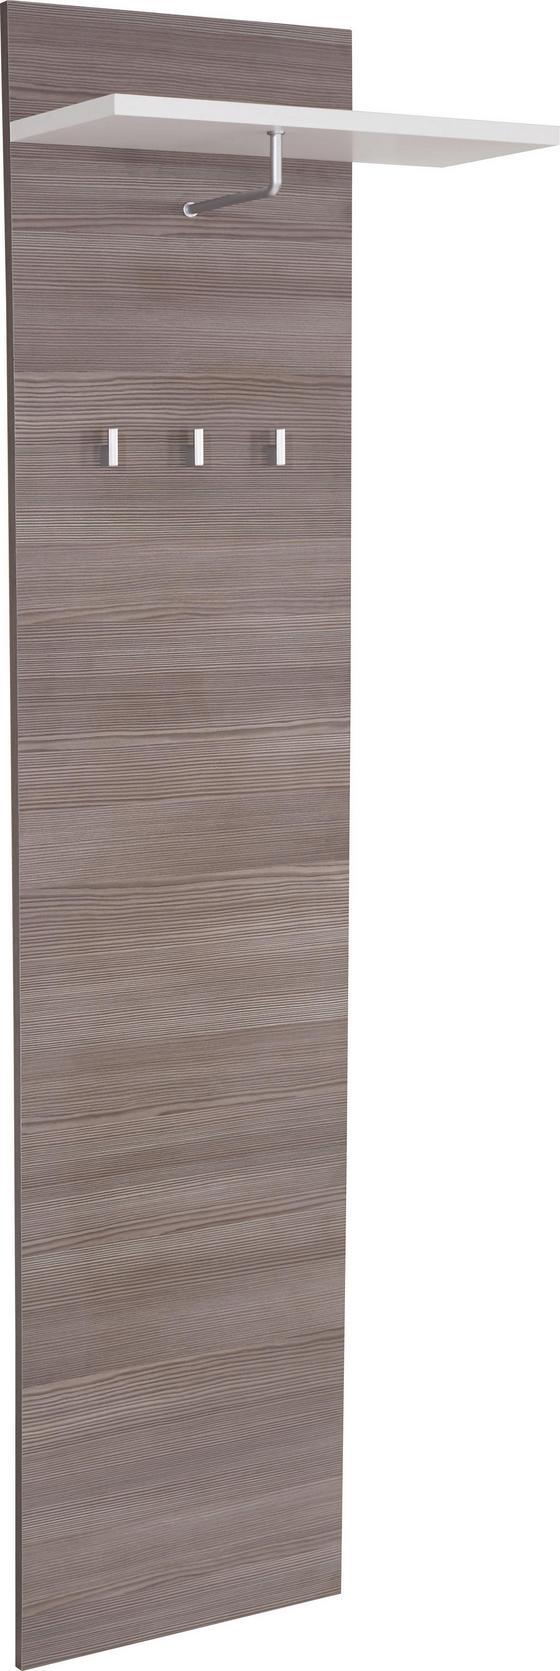 Šatní Panel Monza - bílá/tmavě hnědá, Moderní, dřevěný materiál (55/194/22cm)